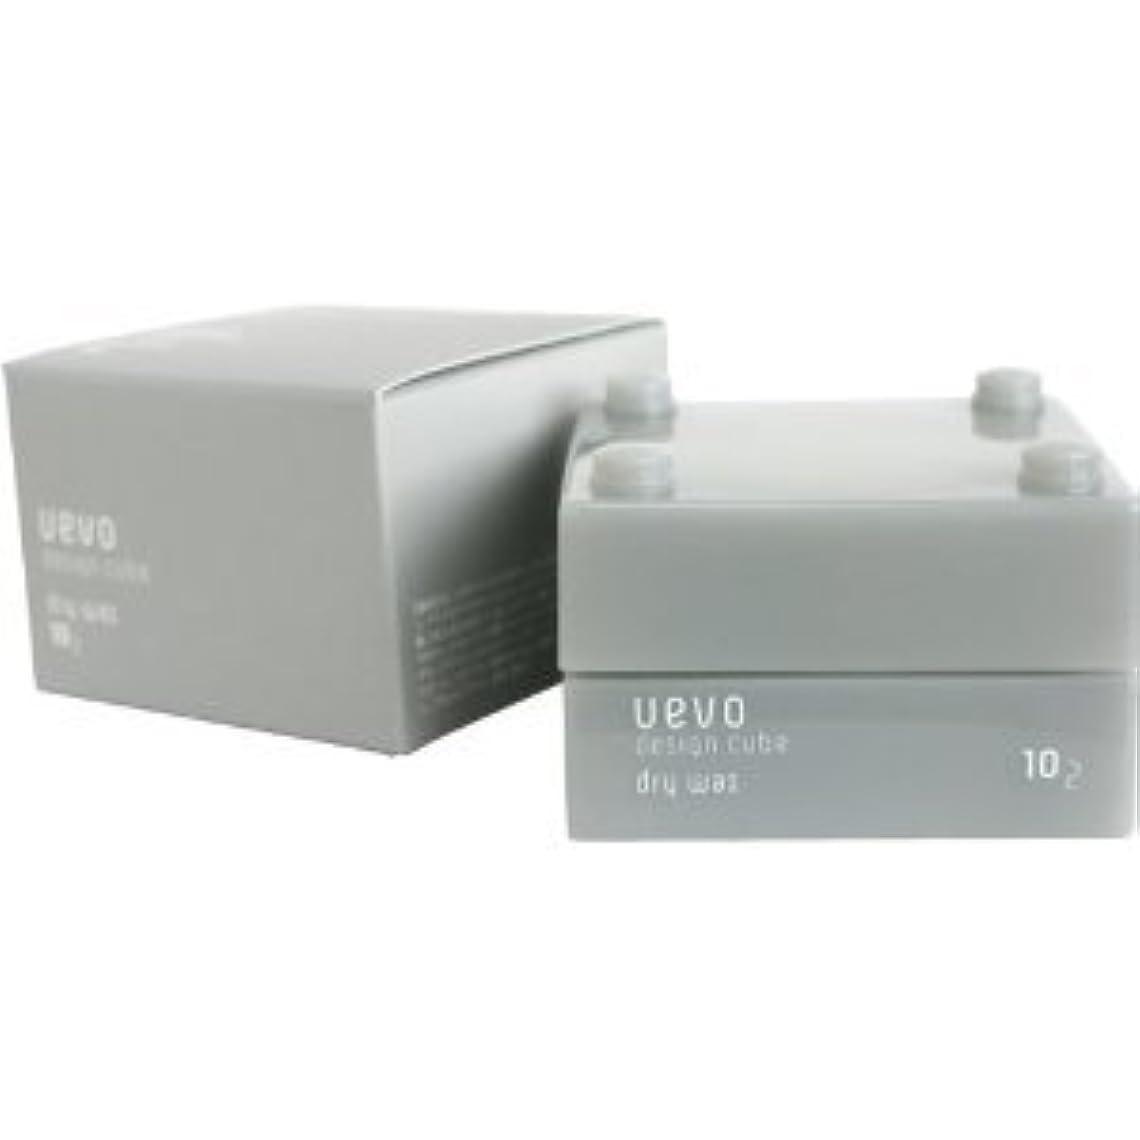 メンテナンス罪悪感舌な【X2個セット】 デミ ウェーボ デザインキューブ ドライワックス 30g dry wax DEMI uevo design cube